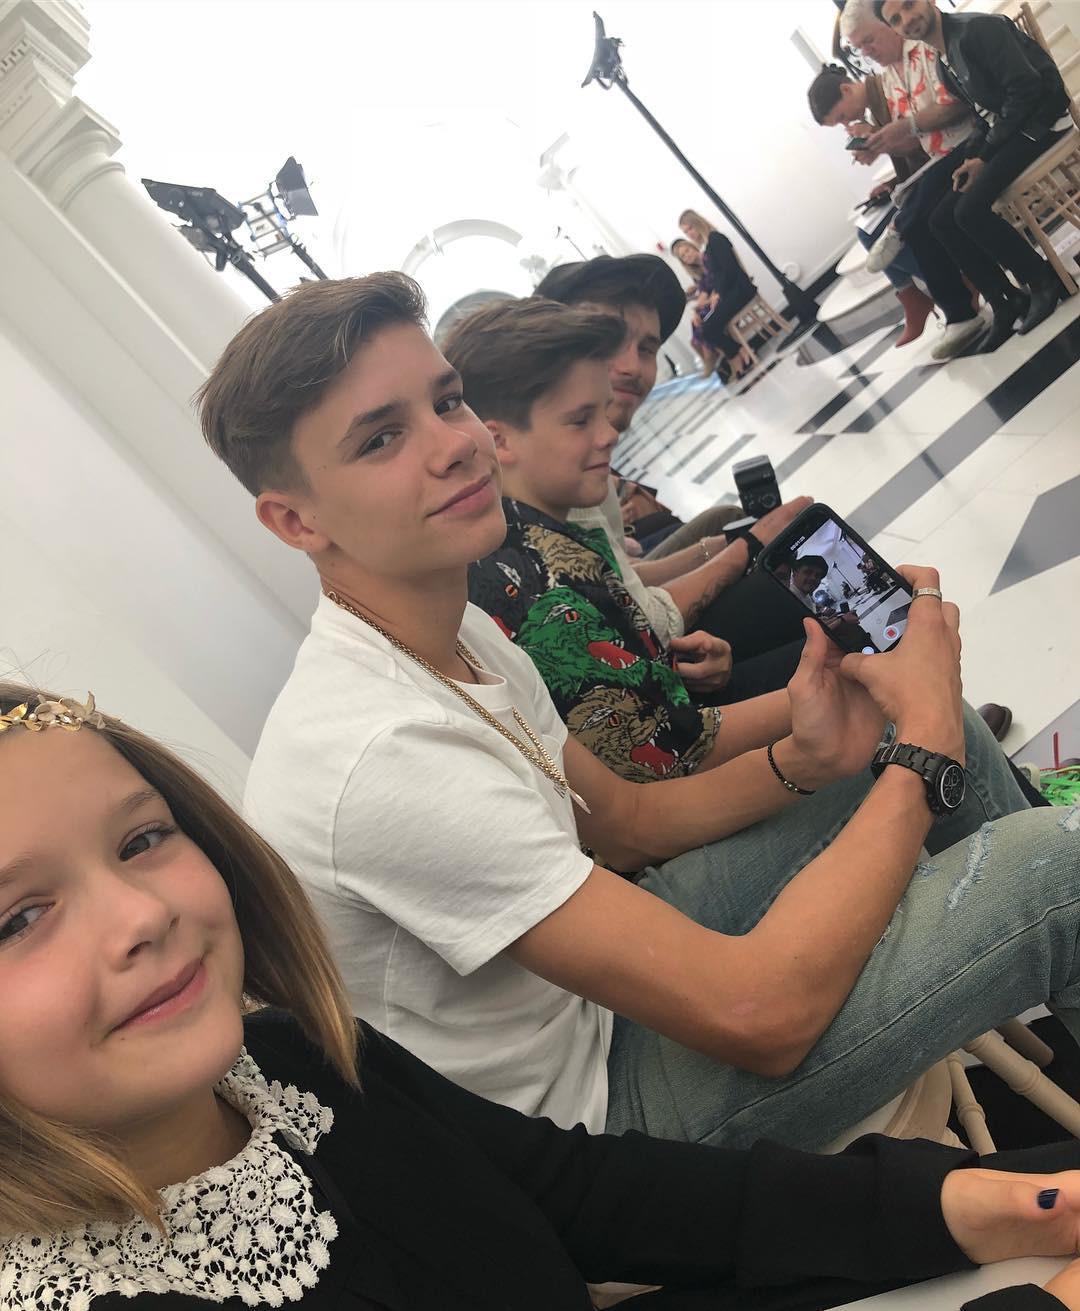 Đại gia đình Beckham mặc cực chất dự show của mẹ Vic, bé Harper xinh như công chúa, sơn móng tay đen táo bạo - Ảnh 5.